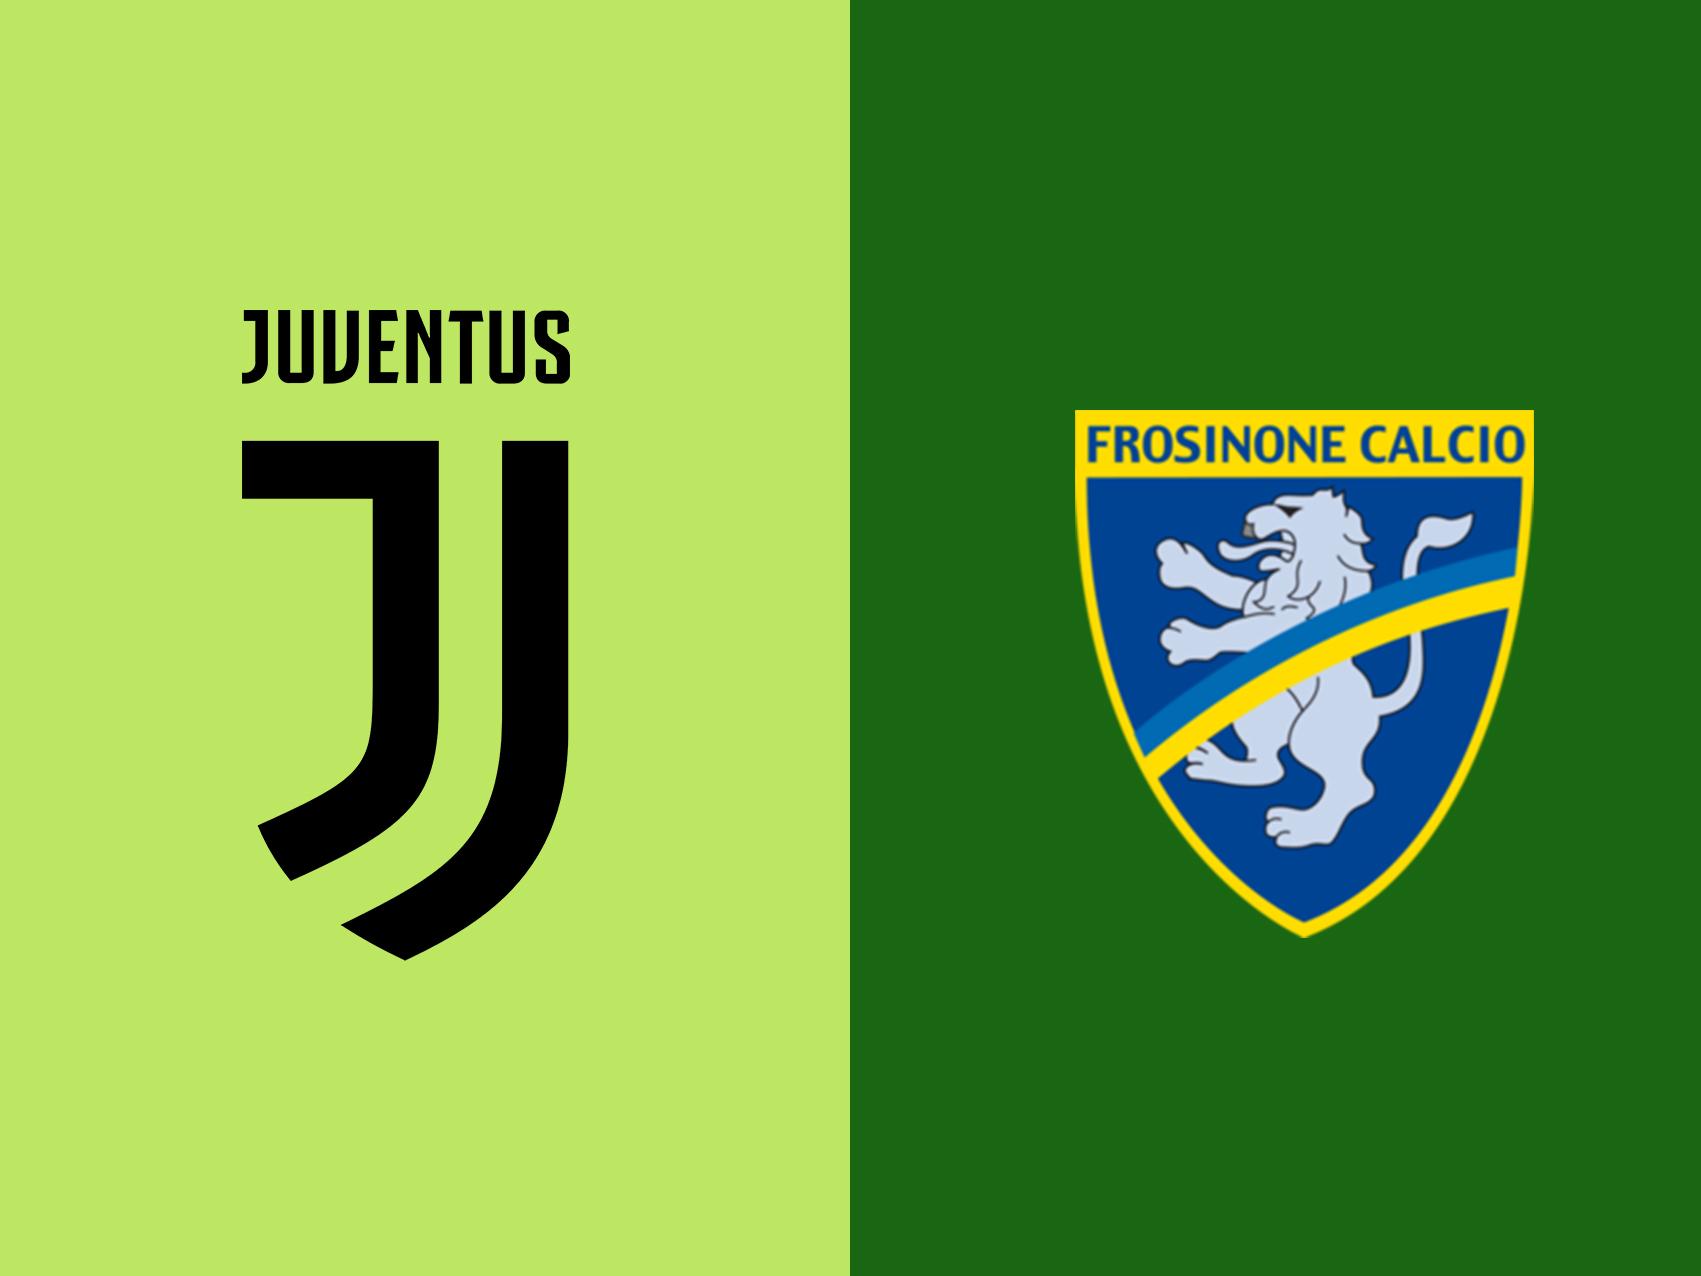 8Live nhận định Juventus vs Frosinone: Kịch bản biết trước